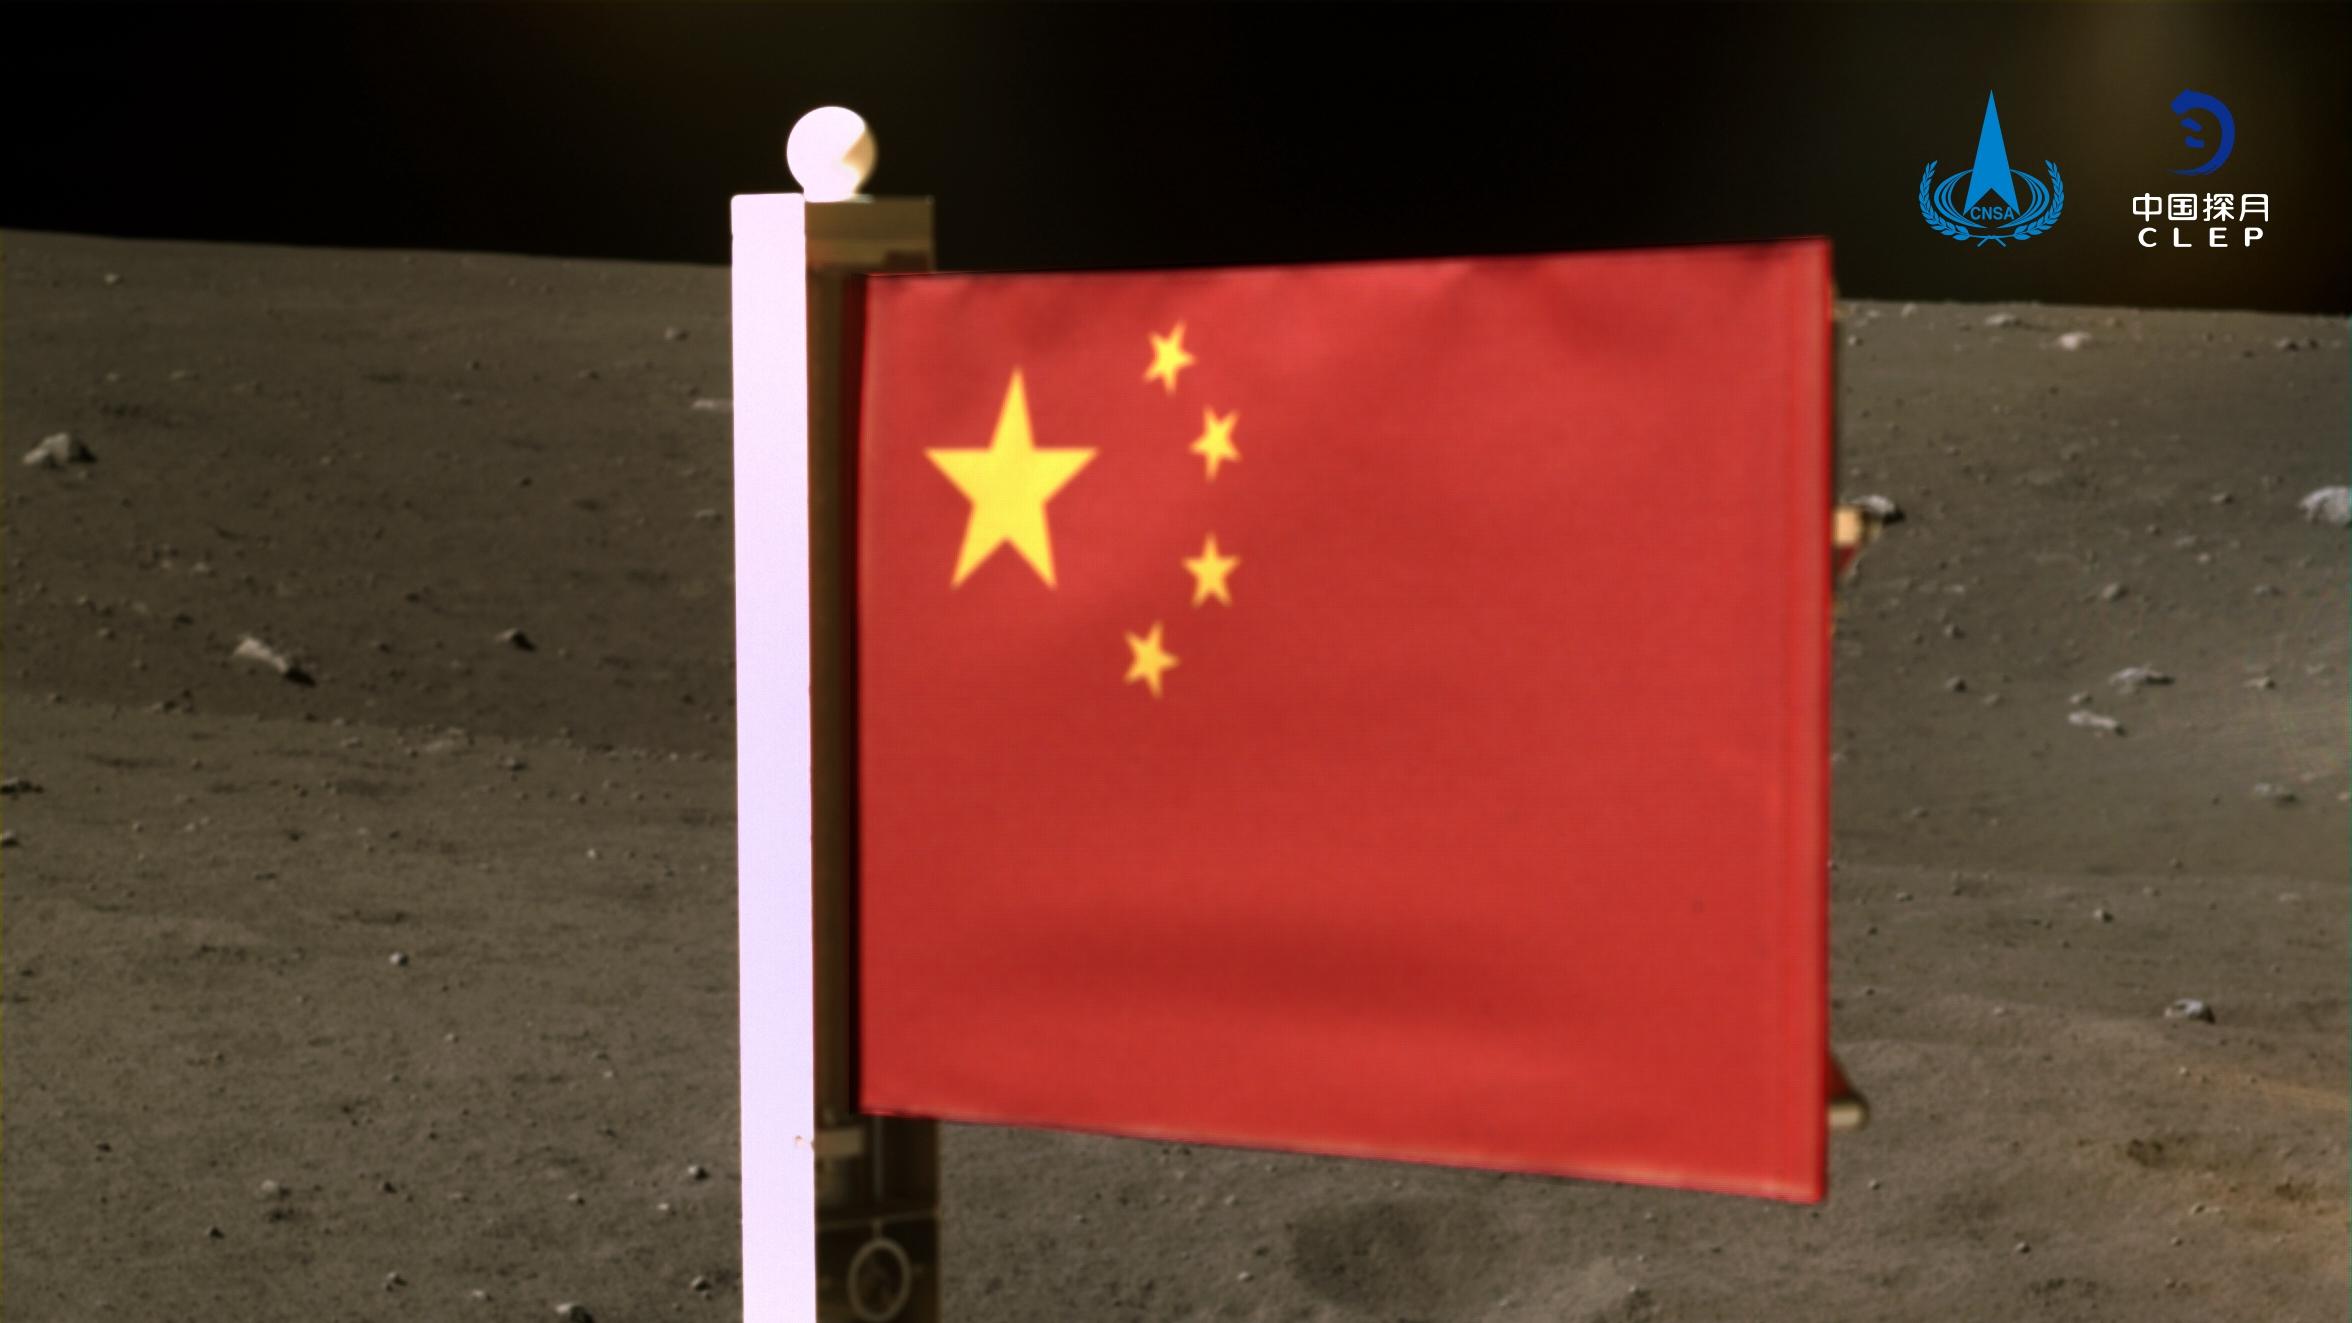 Китайський прапор було піднято на Місяці: як їм це вдалося - фото 2